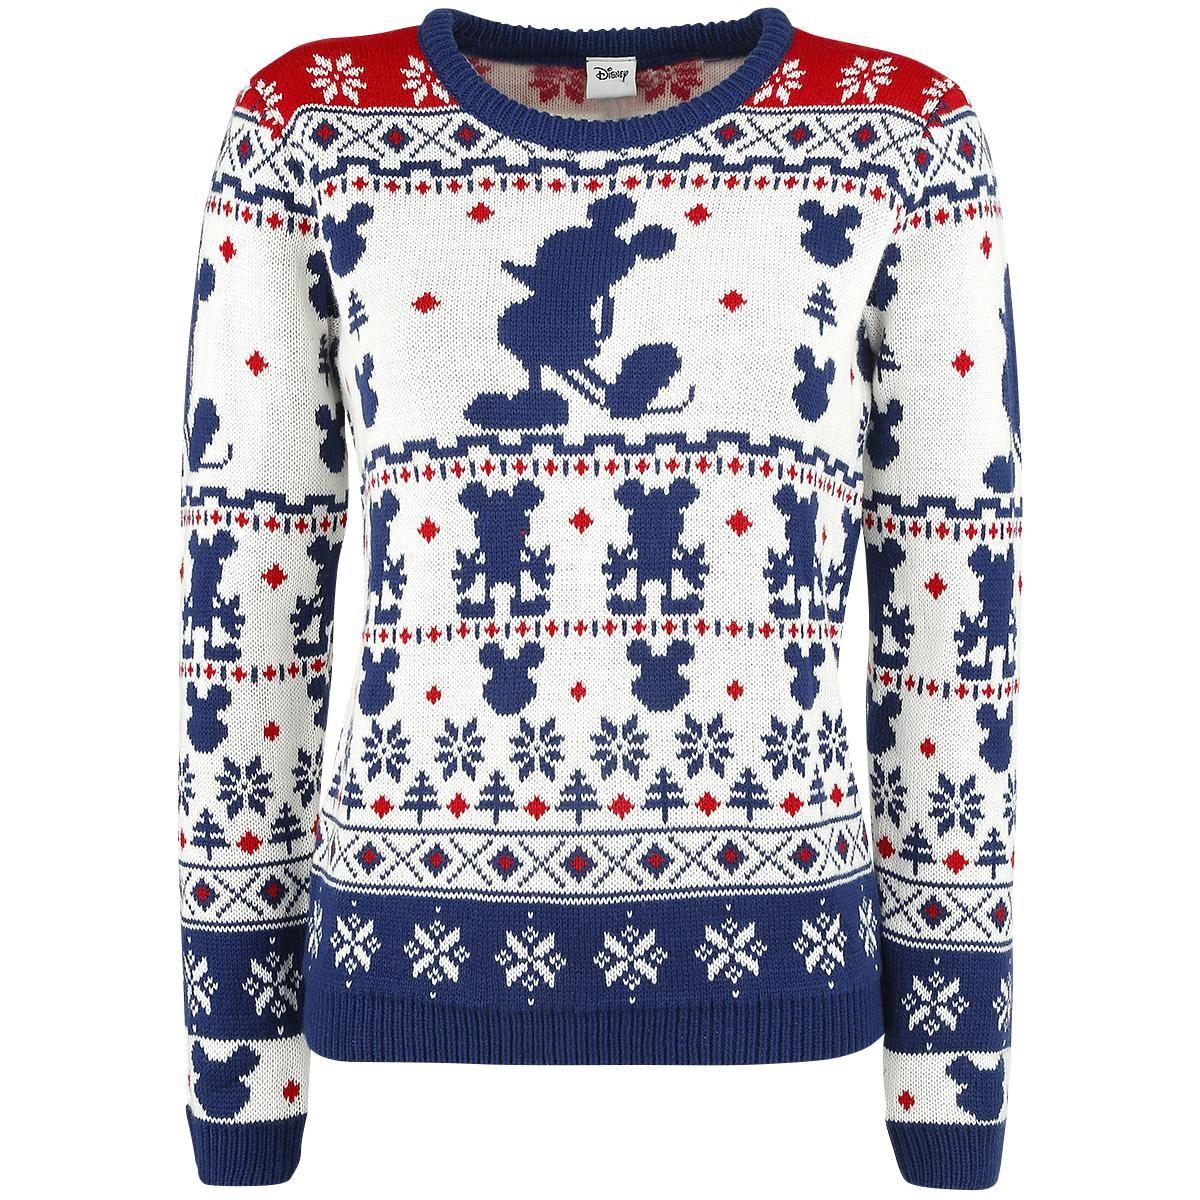 micky christmas sweater weihnachtspullover von micky minni maus mickey mouse christmas mickey - Mickey Mouse Christmas Sweater